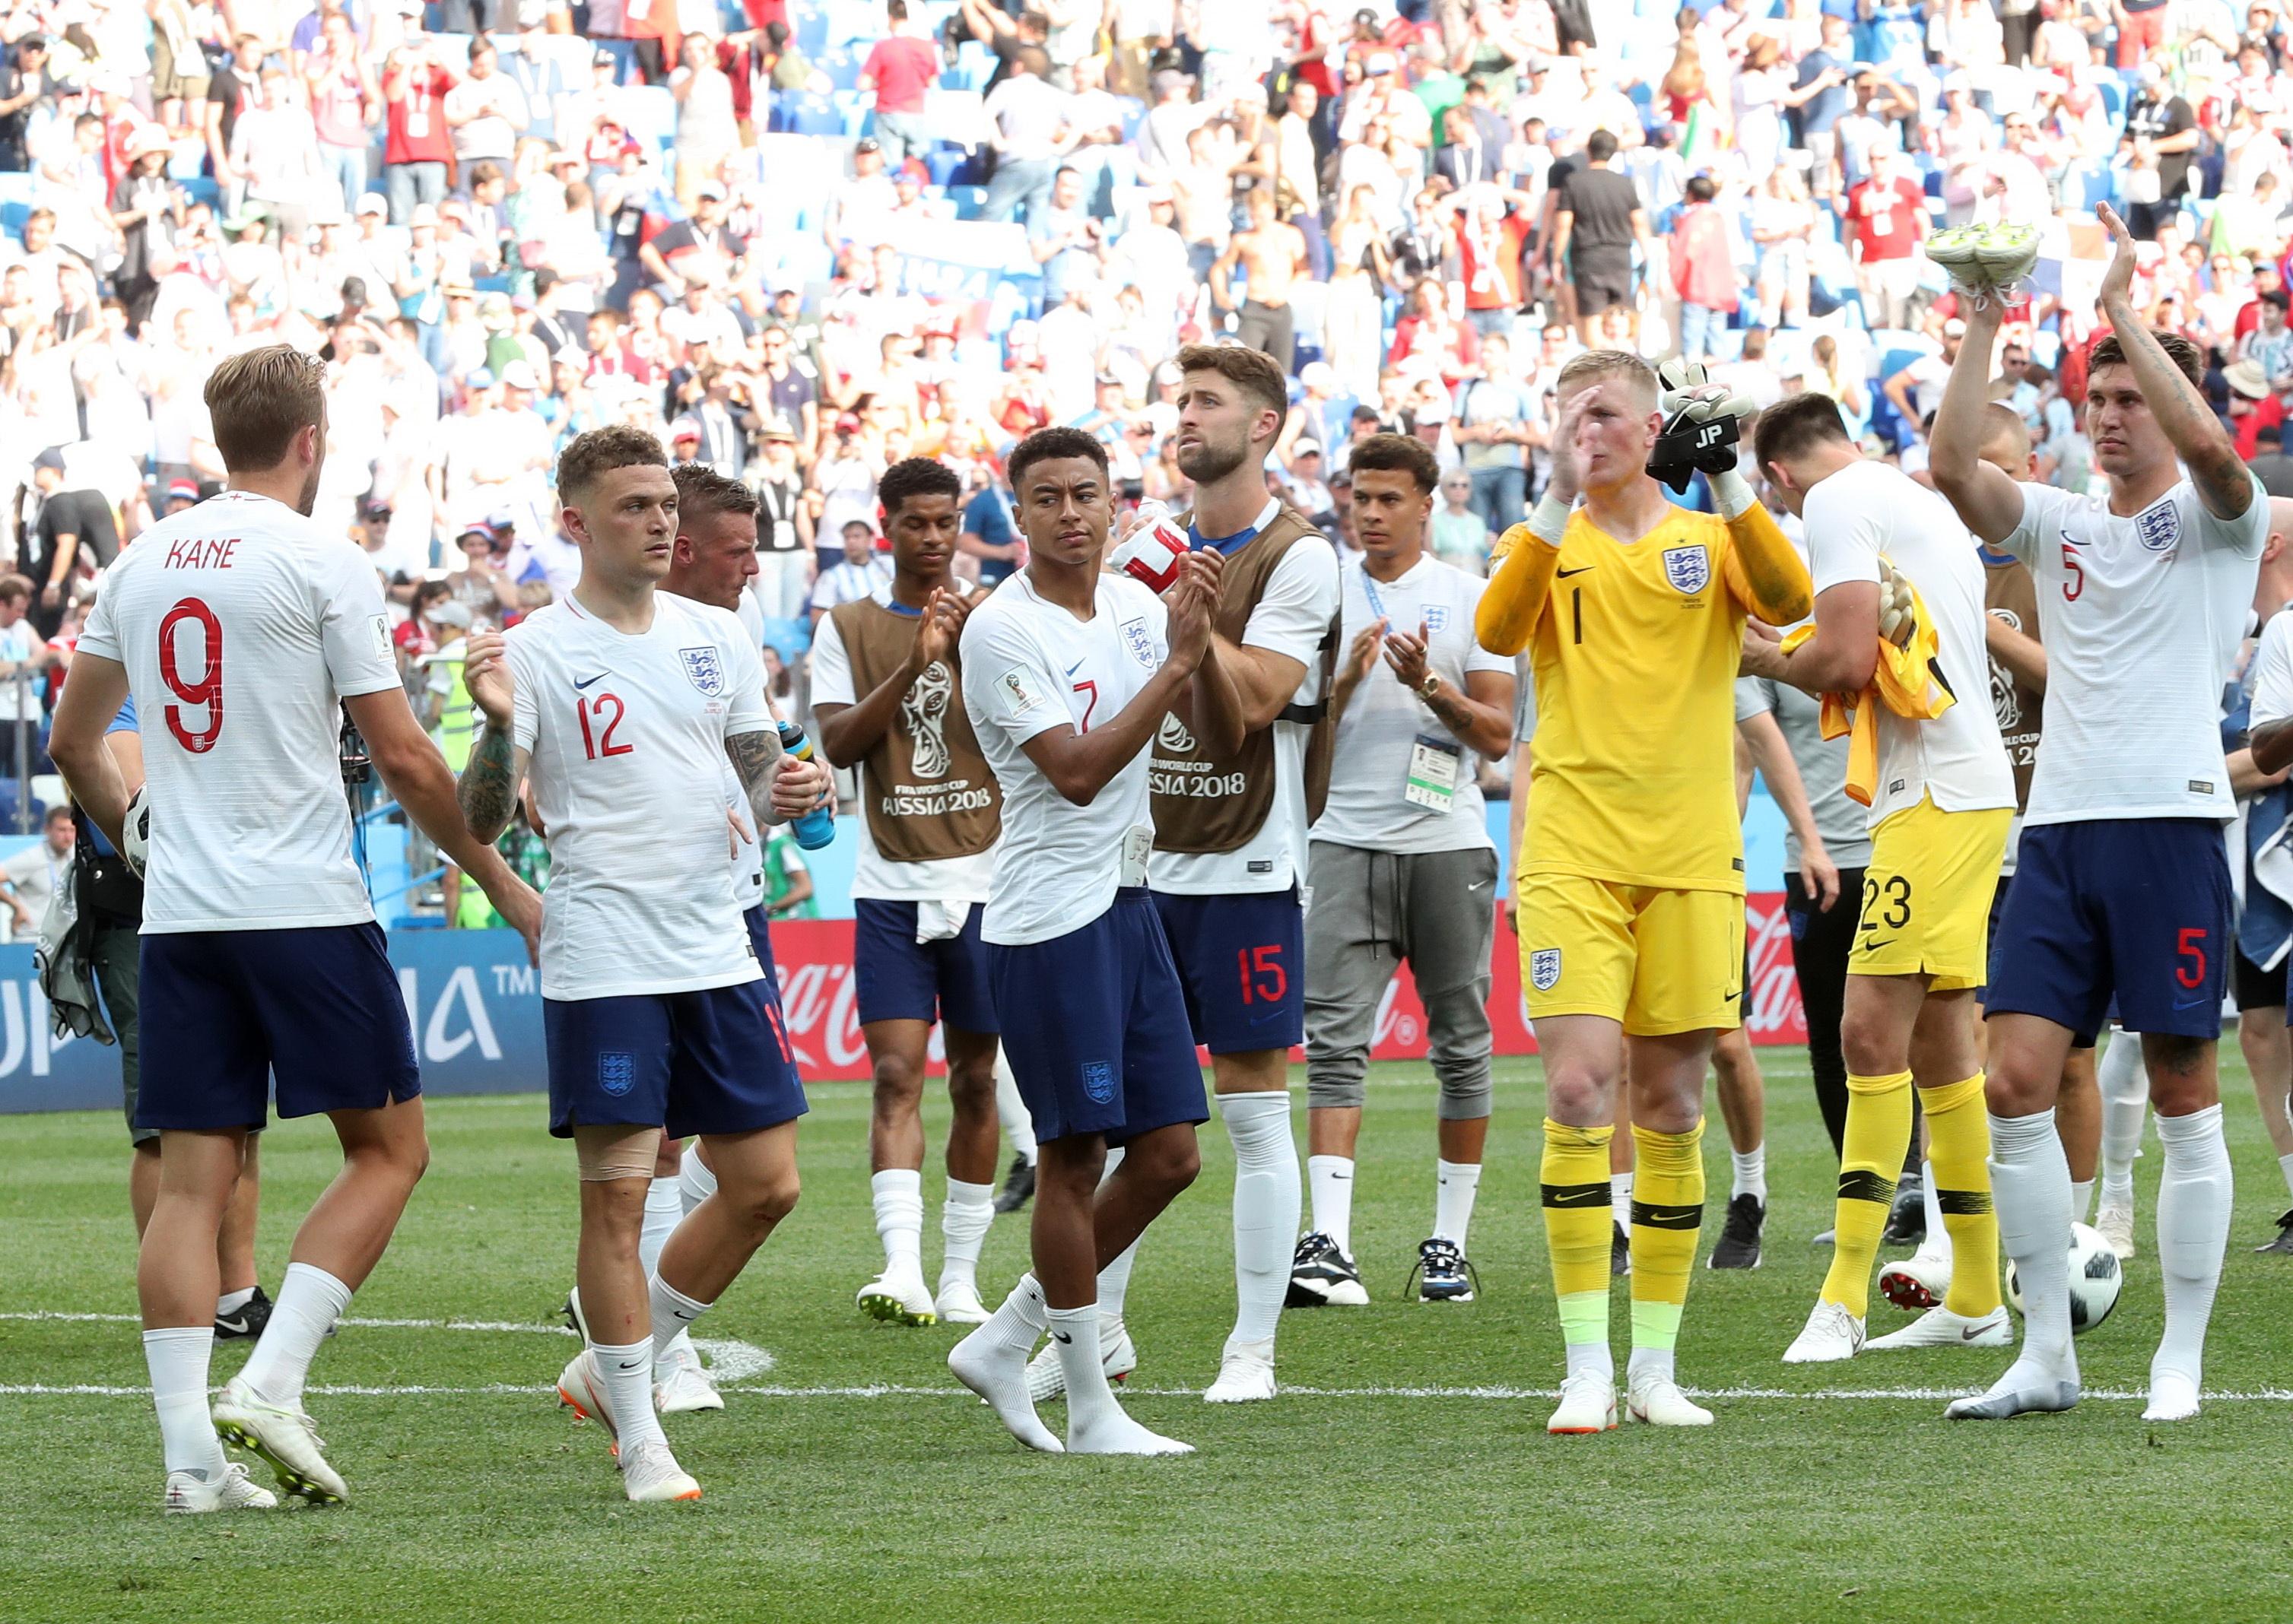 Cupa Mondială 2018. Anglia a învins cu 6-1 Panama și s-a calificat în optimi